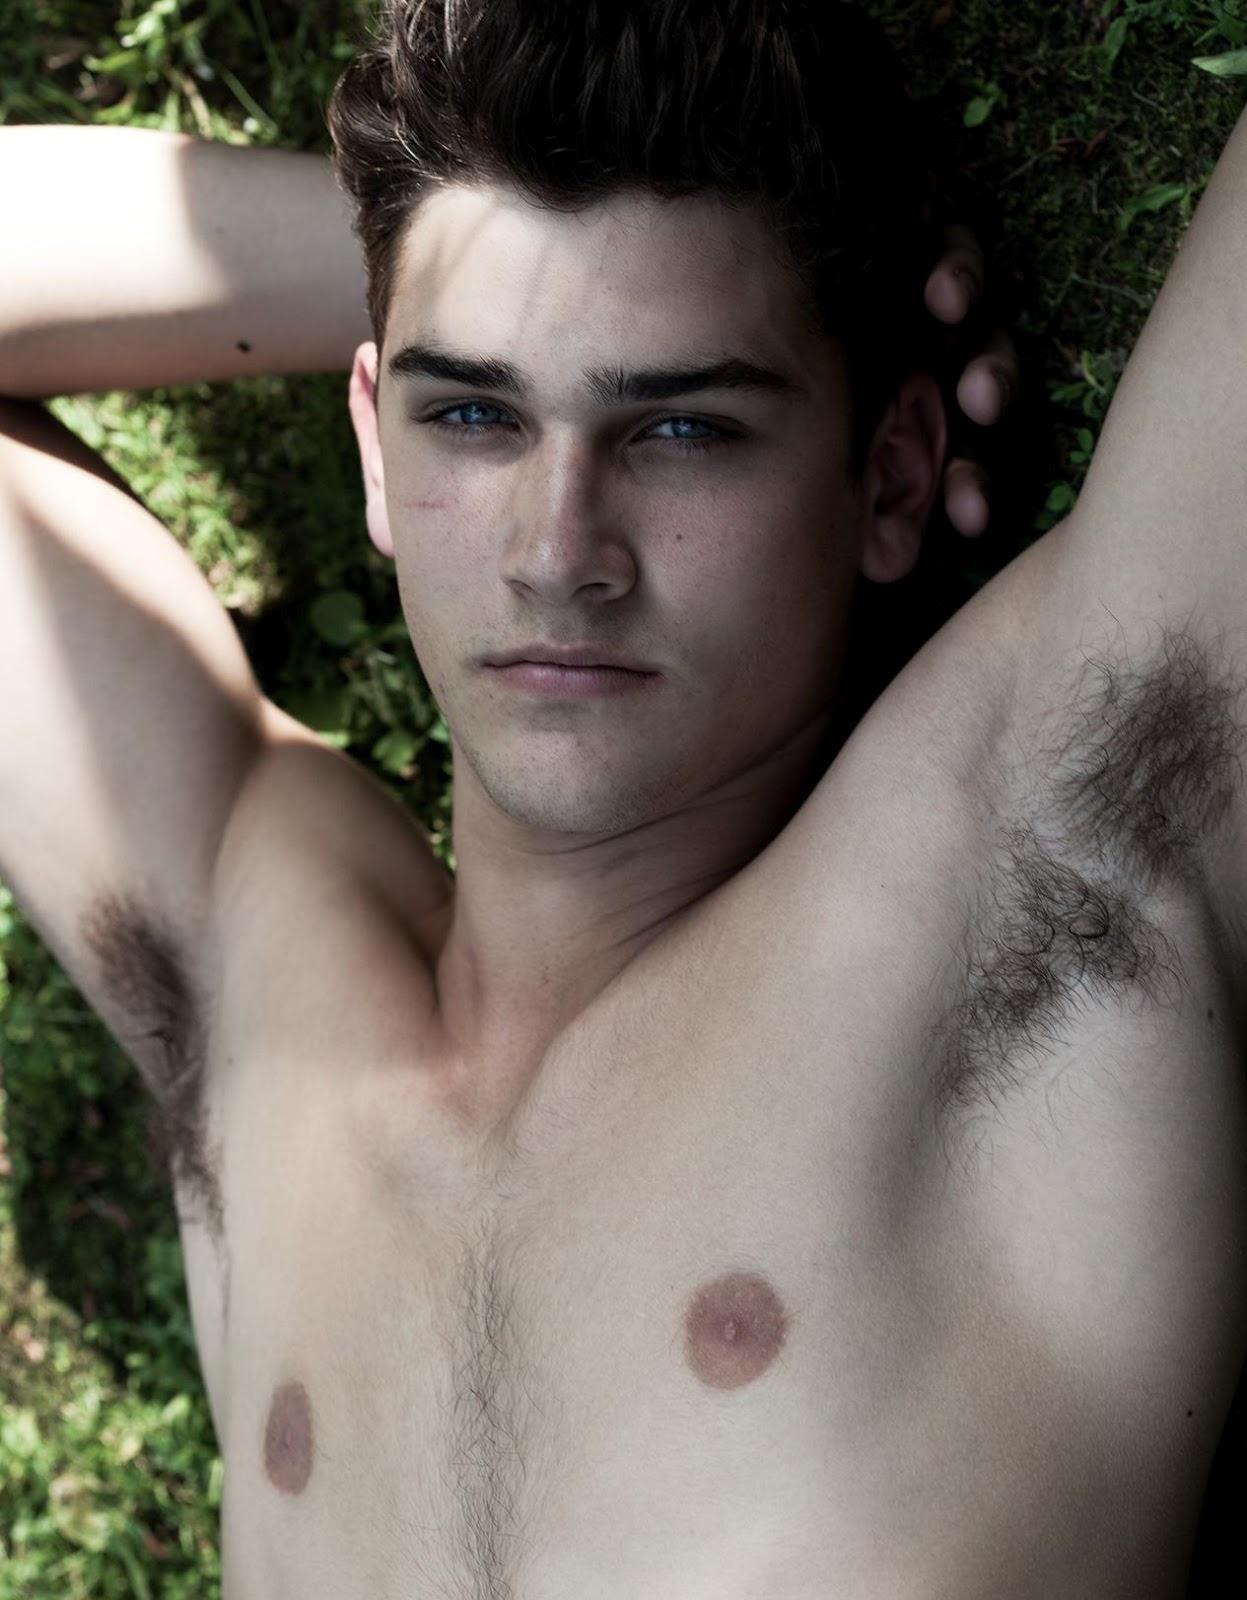 Подмышки гей фото волосатые